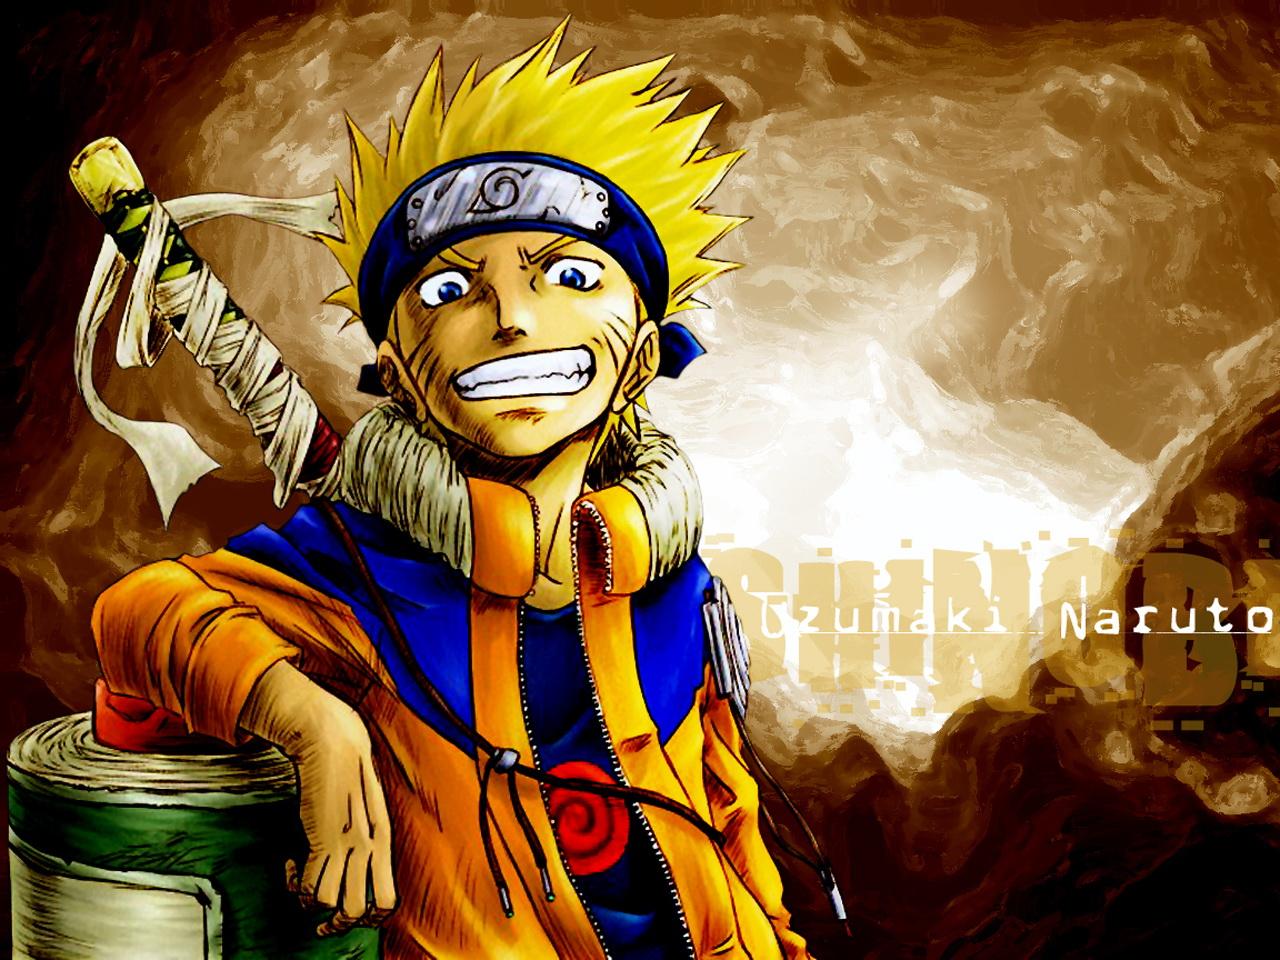 Naruto Anime Naruto Shippuden Wallpapers Naruto Shippuden Wallpapers 1280x960